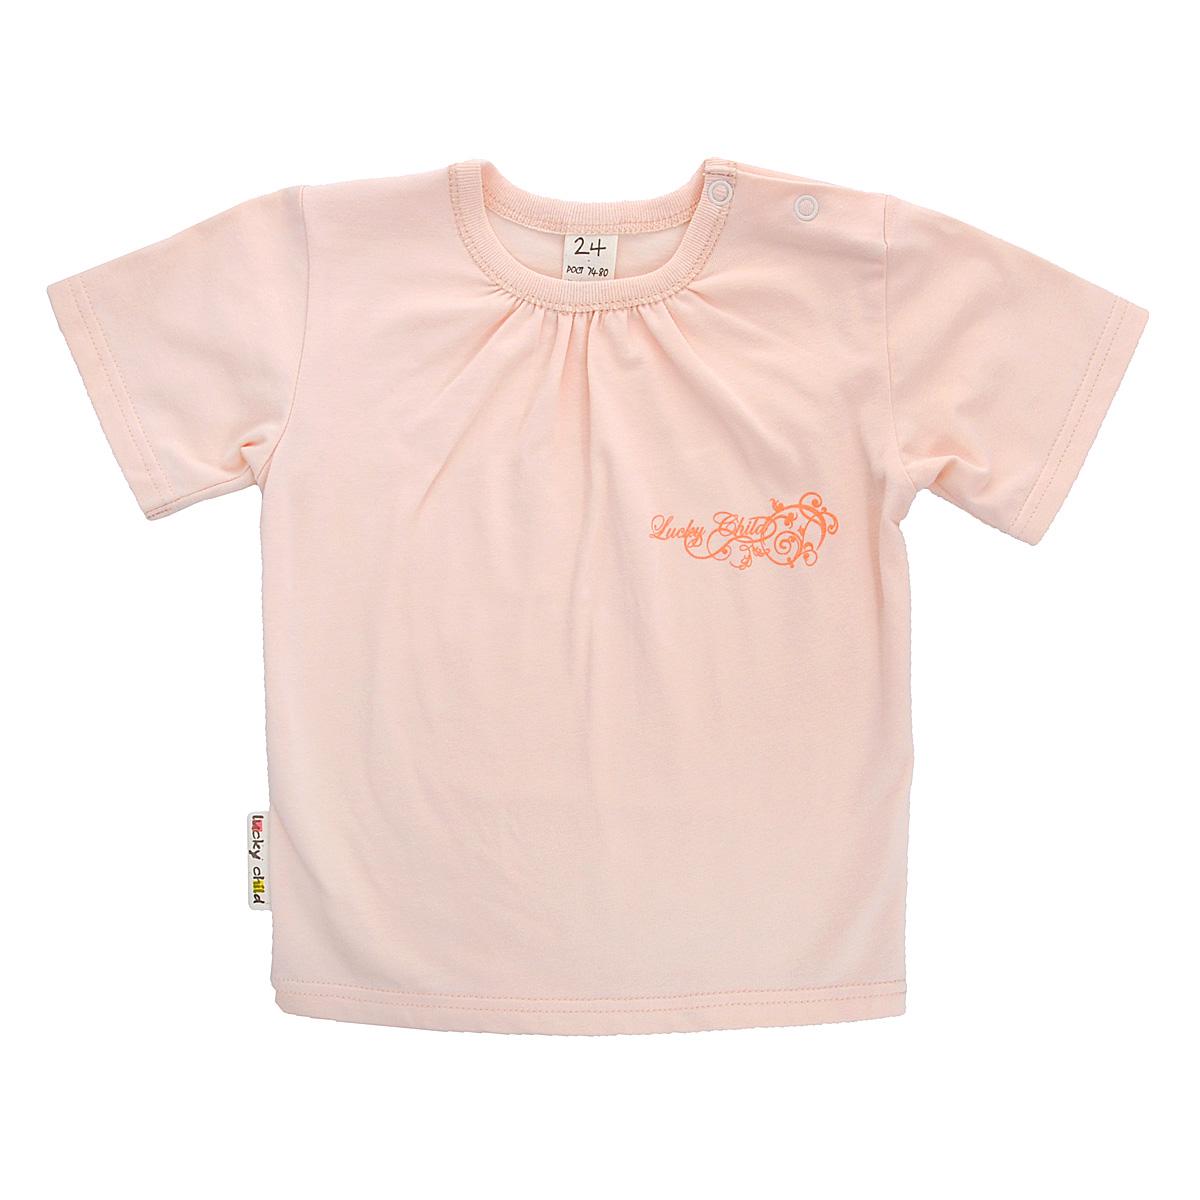 Футболка для девочки Lucky Child, цвет: персиковый. 12-26.1. Размер 80/86